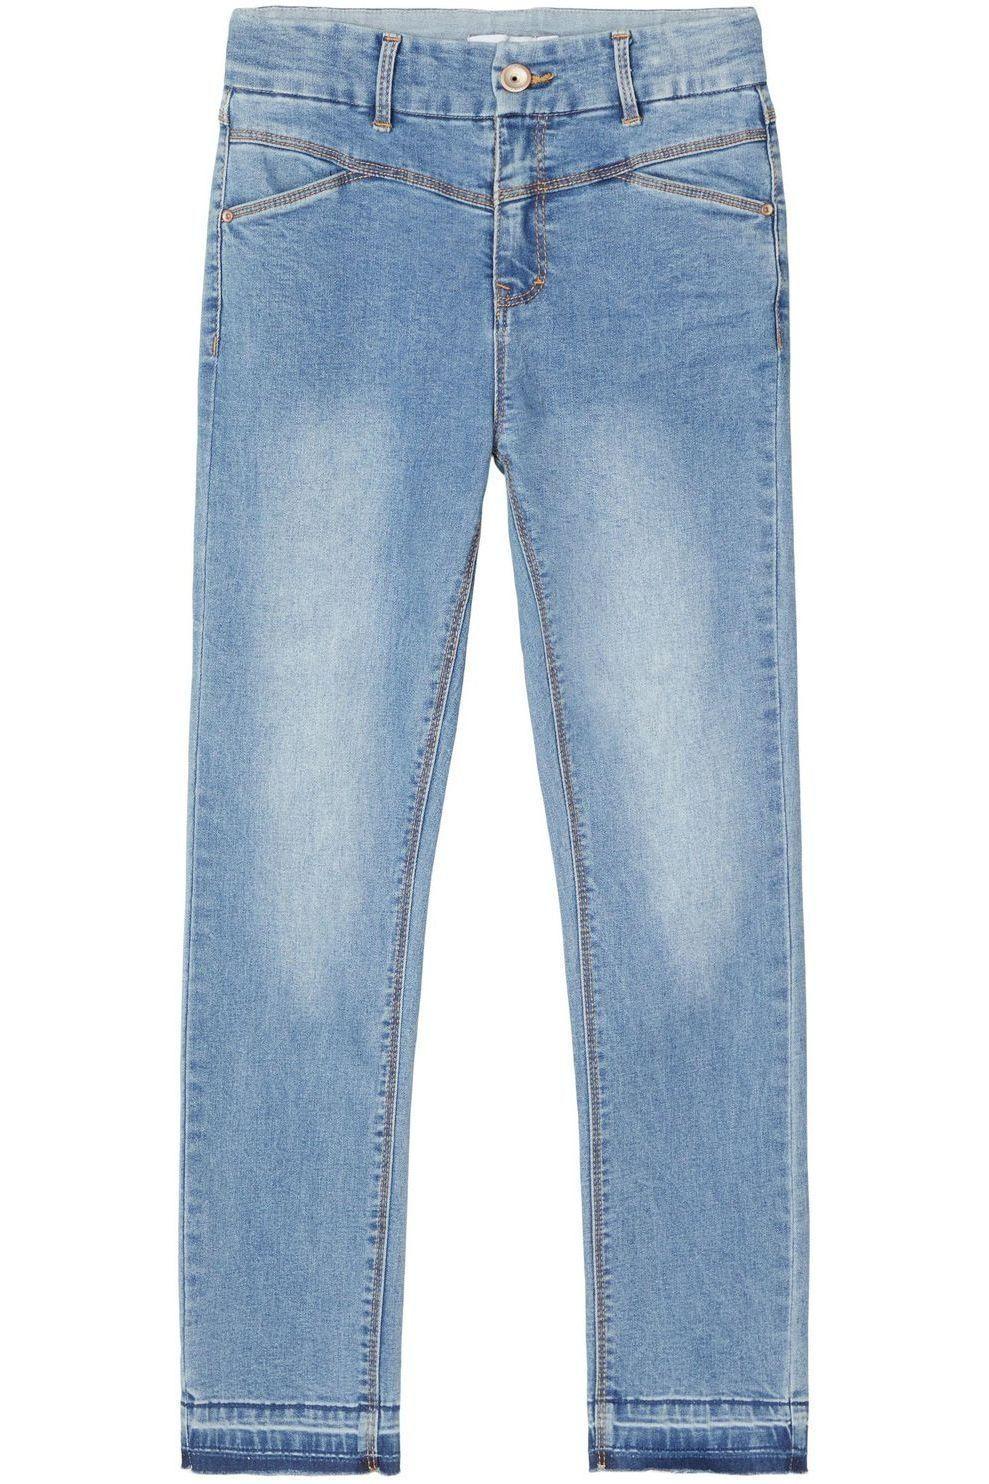 NAME IT Jeans Nkfsalli Dnmtrillas 2460 Hw An Noos voor meisjes - Denim - Blauw - Maten: 116, 122, 12